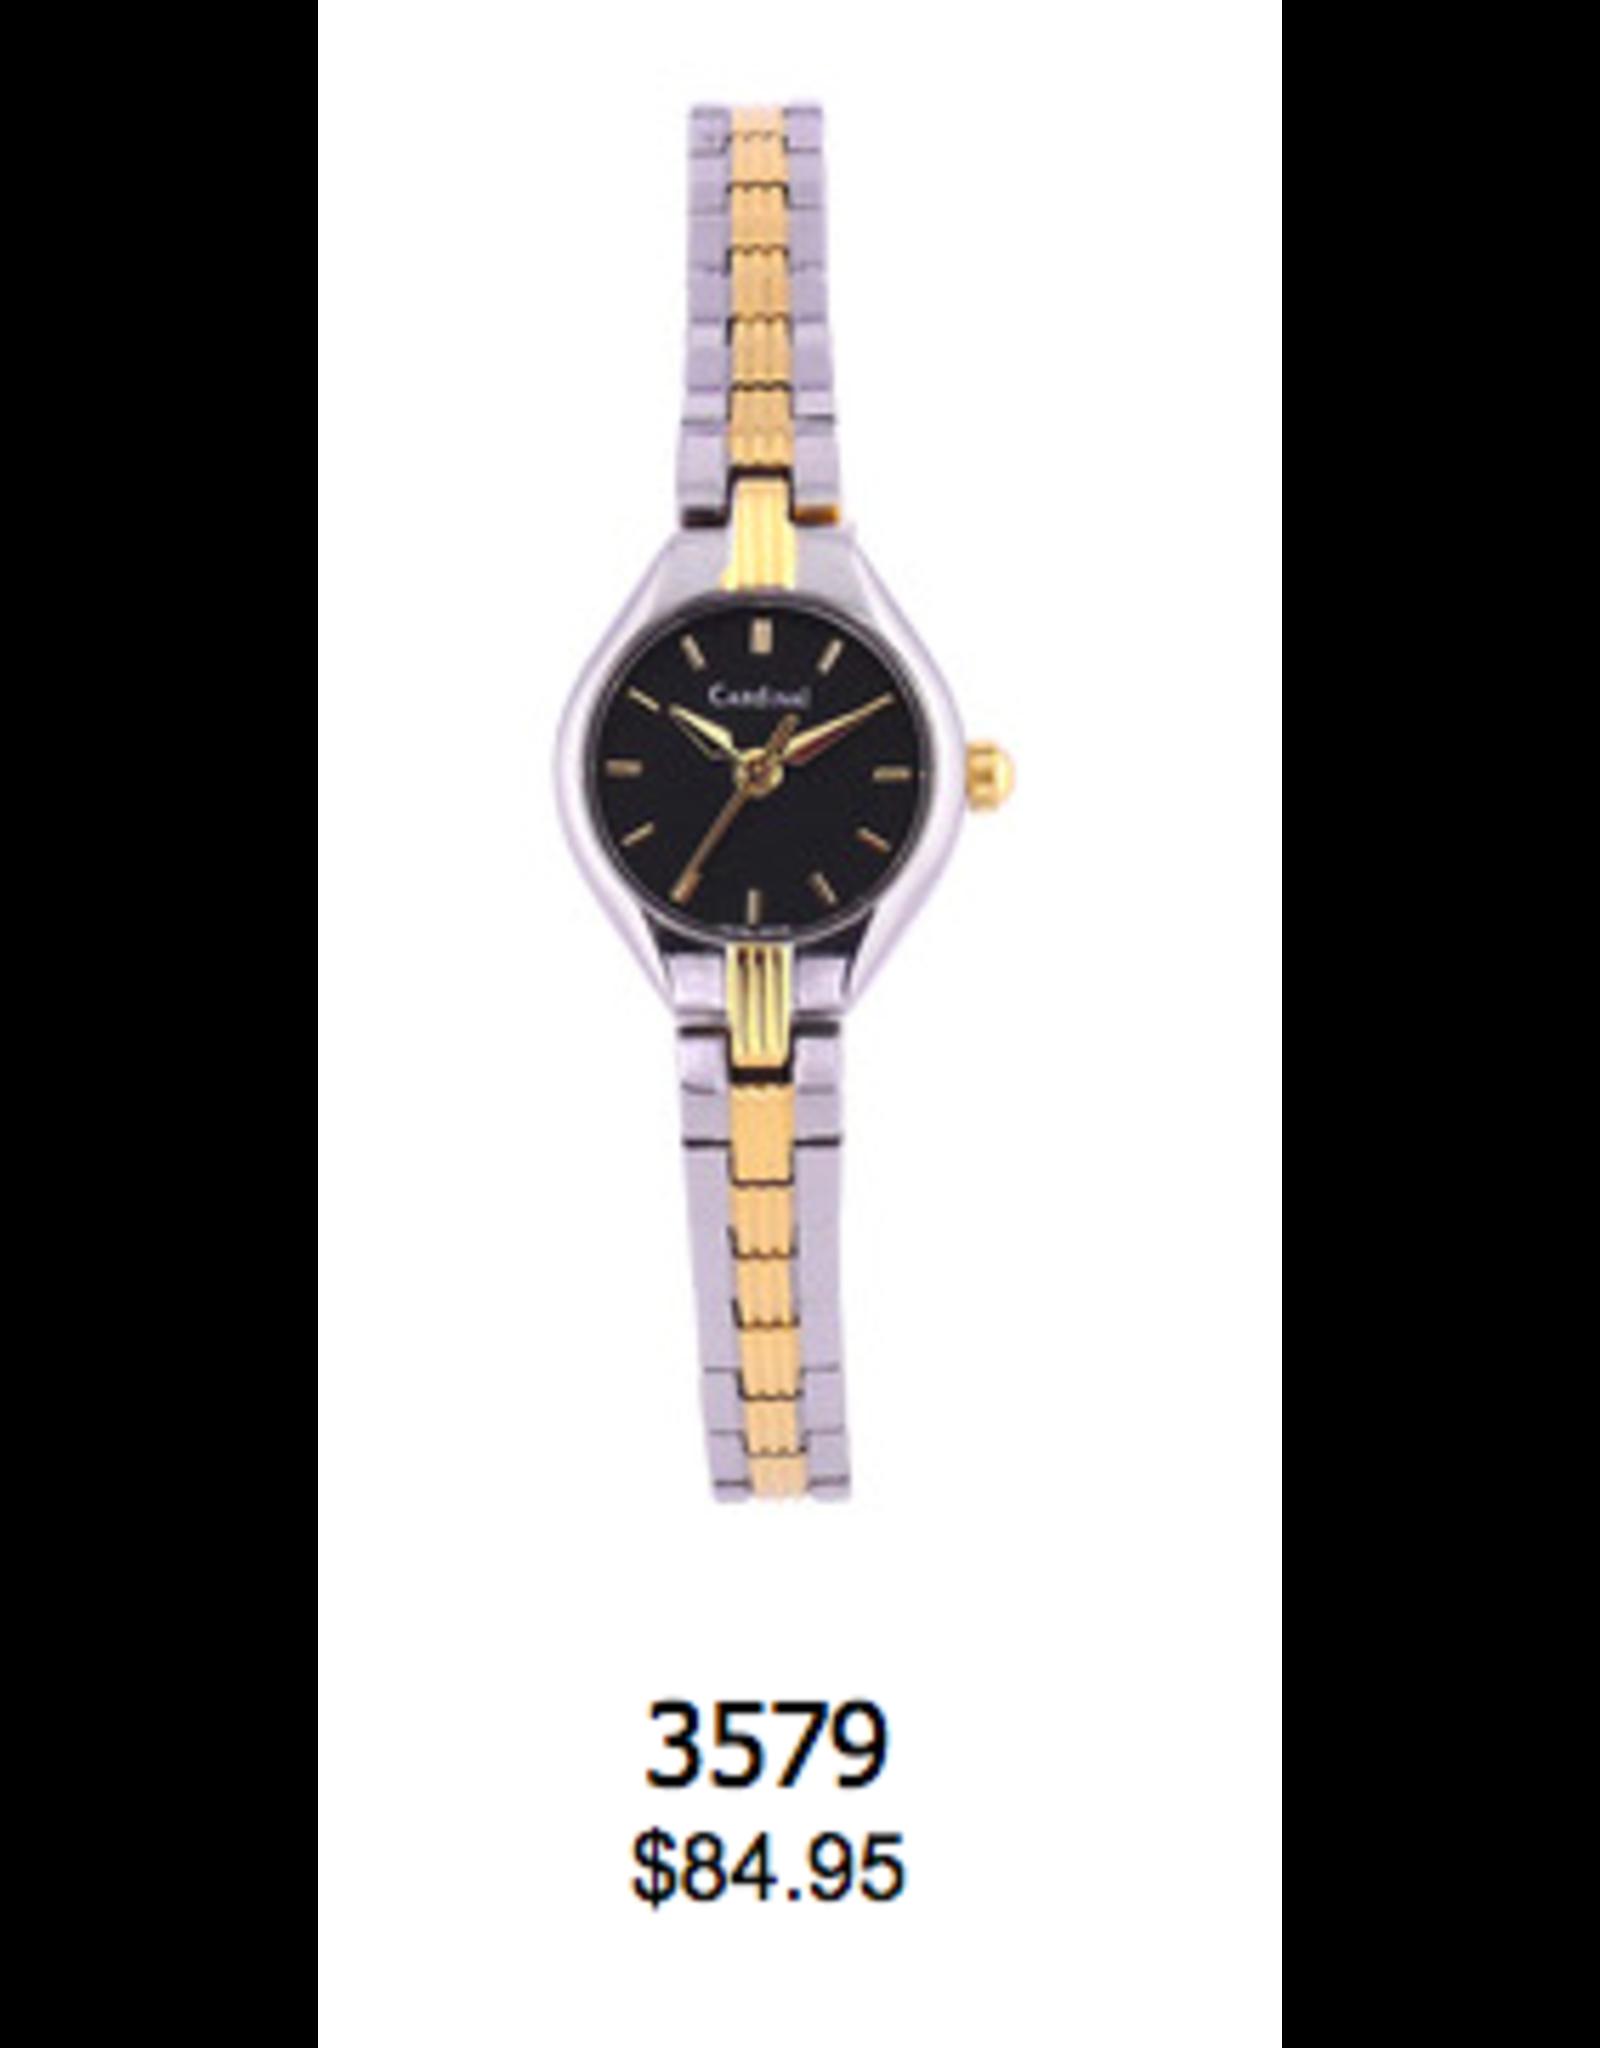 Cardinal 3579